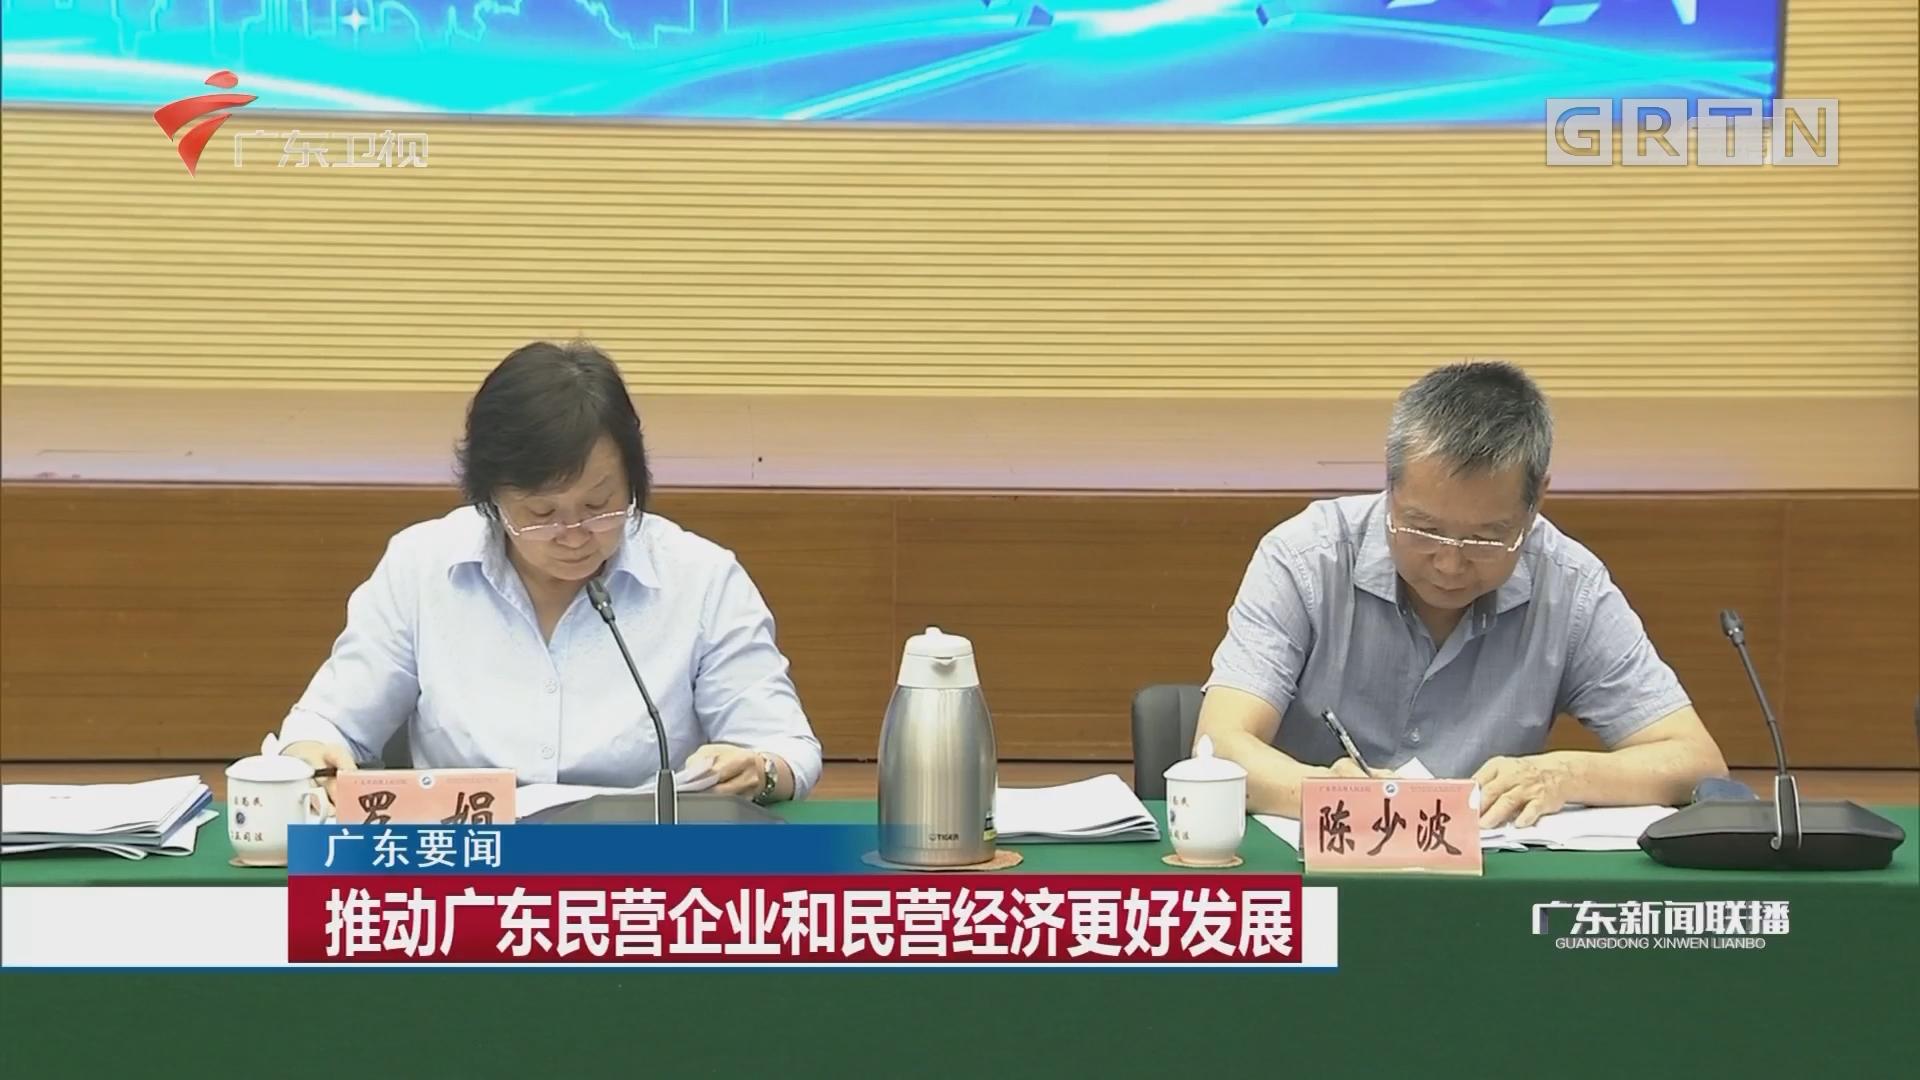 推动广东民营企业和民营经济更好发展